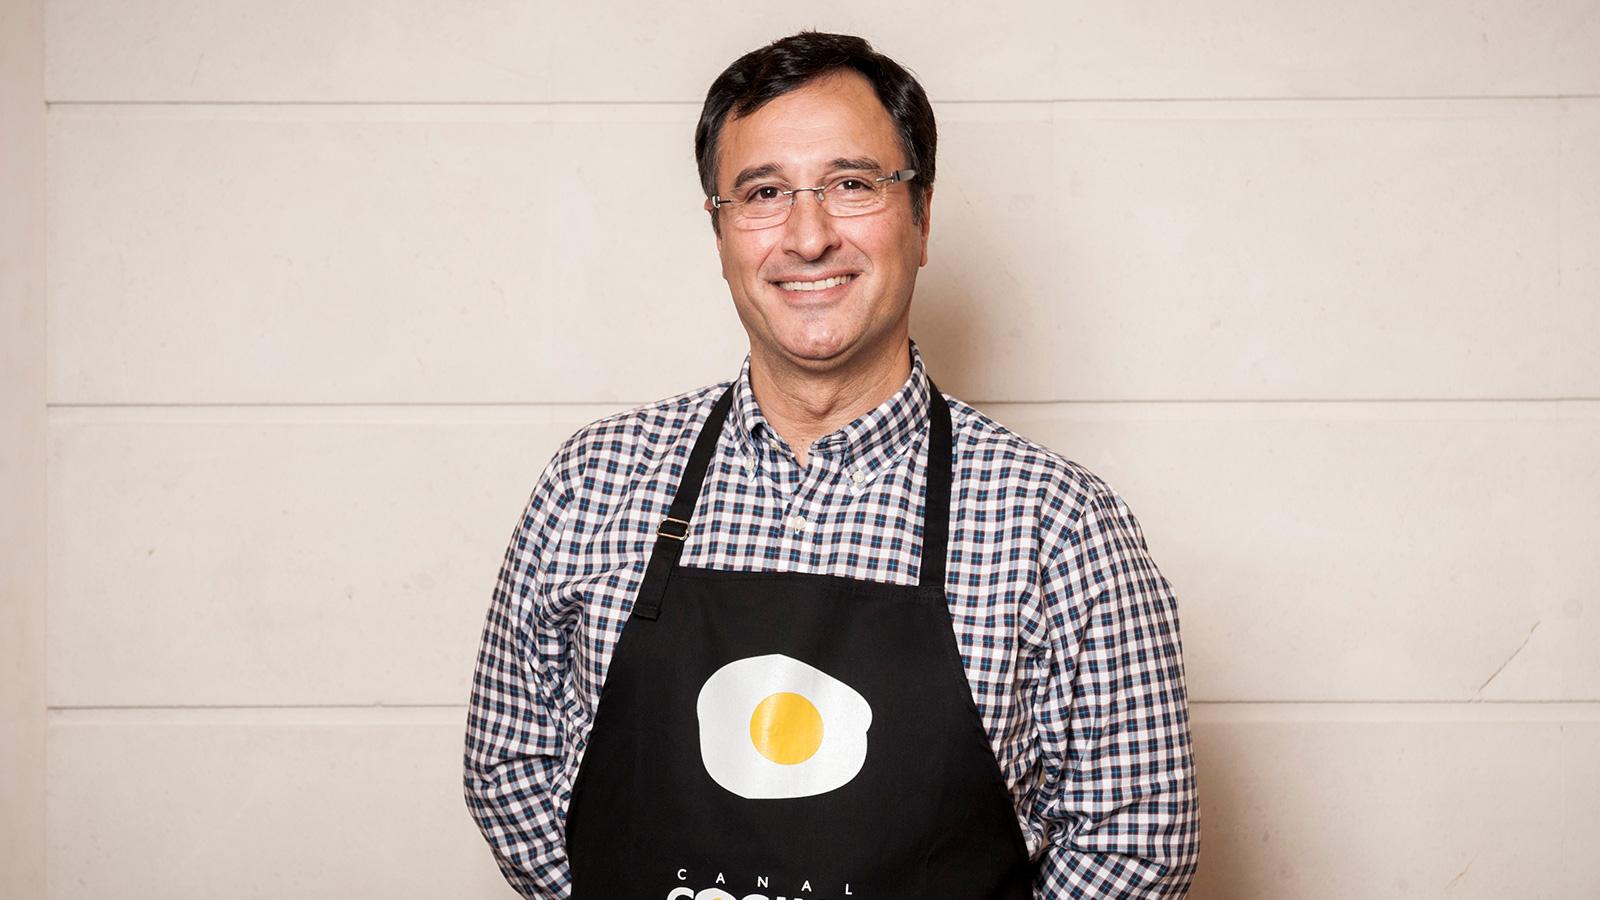 Juan carlos alonso cocineros canal cocina for Cocineros de canal cocina